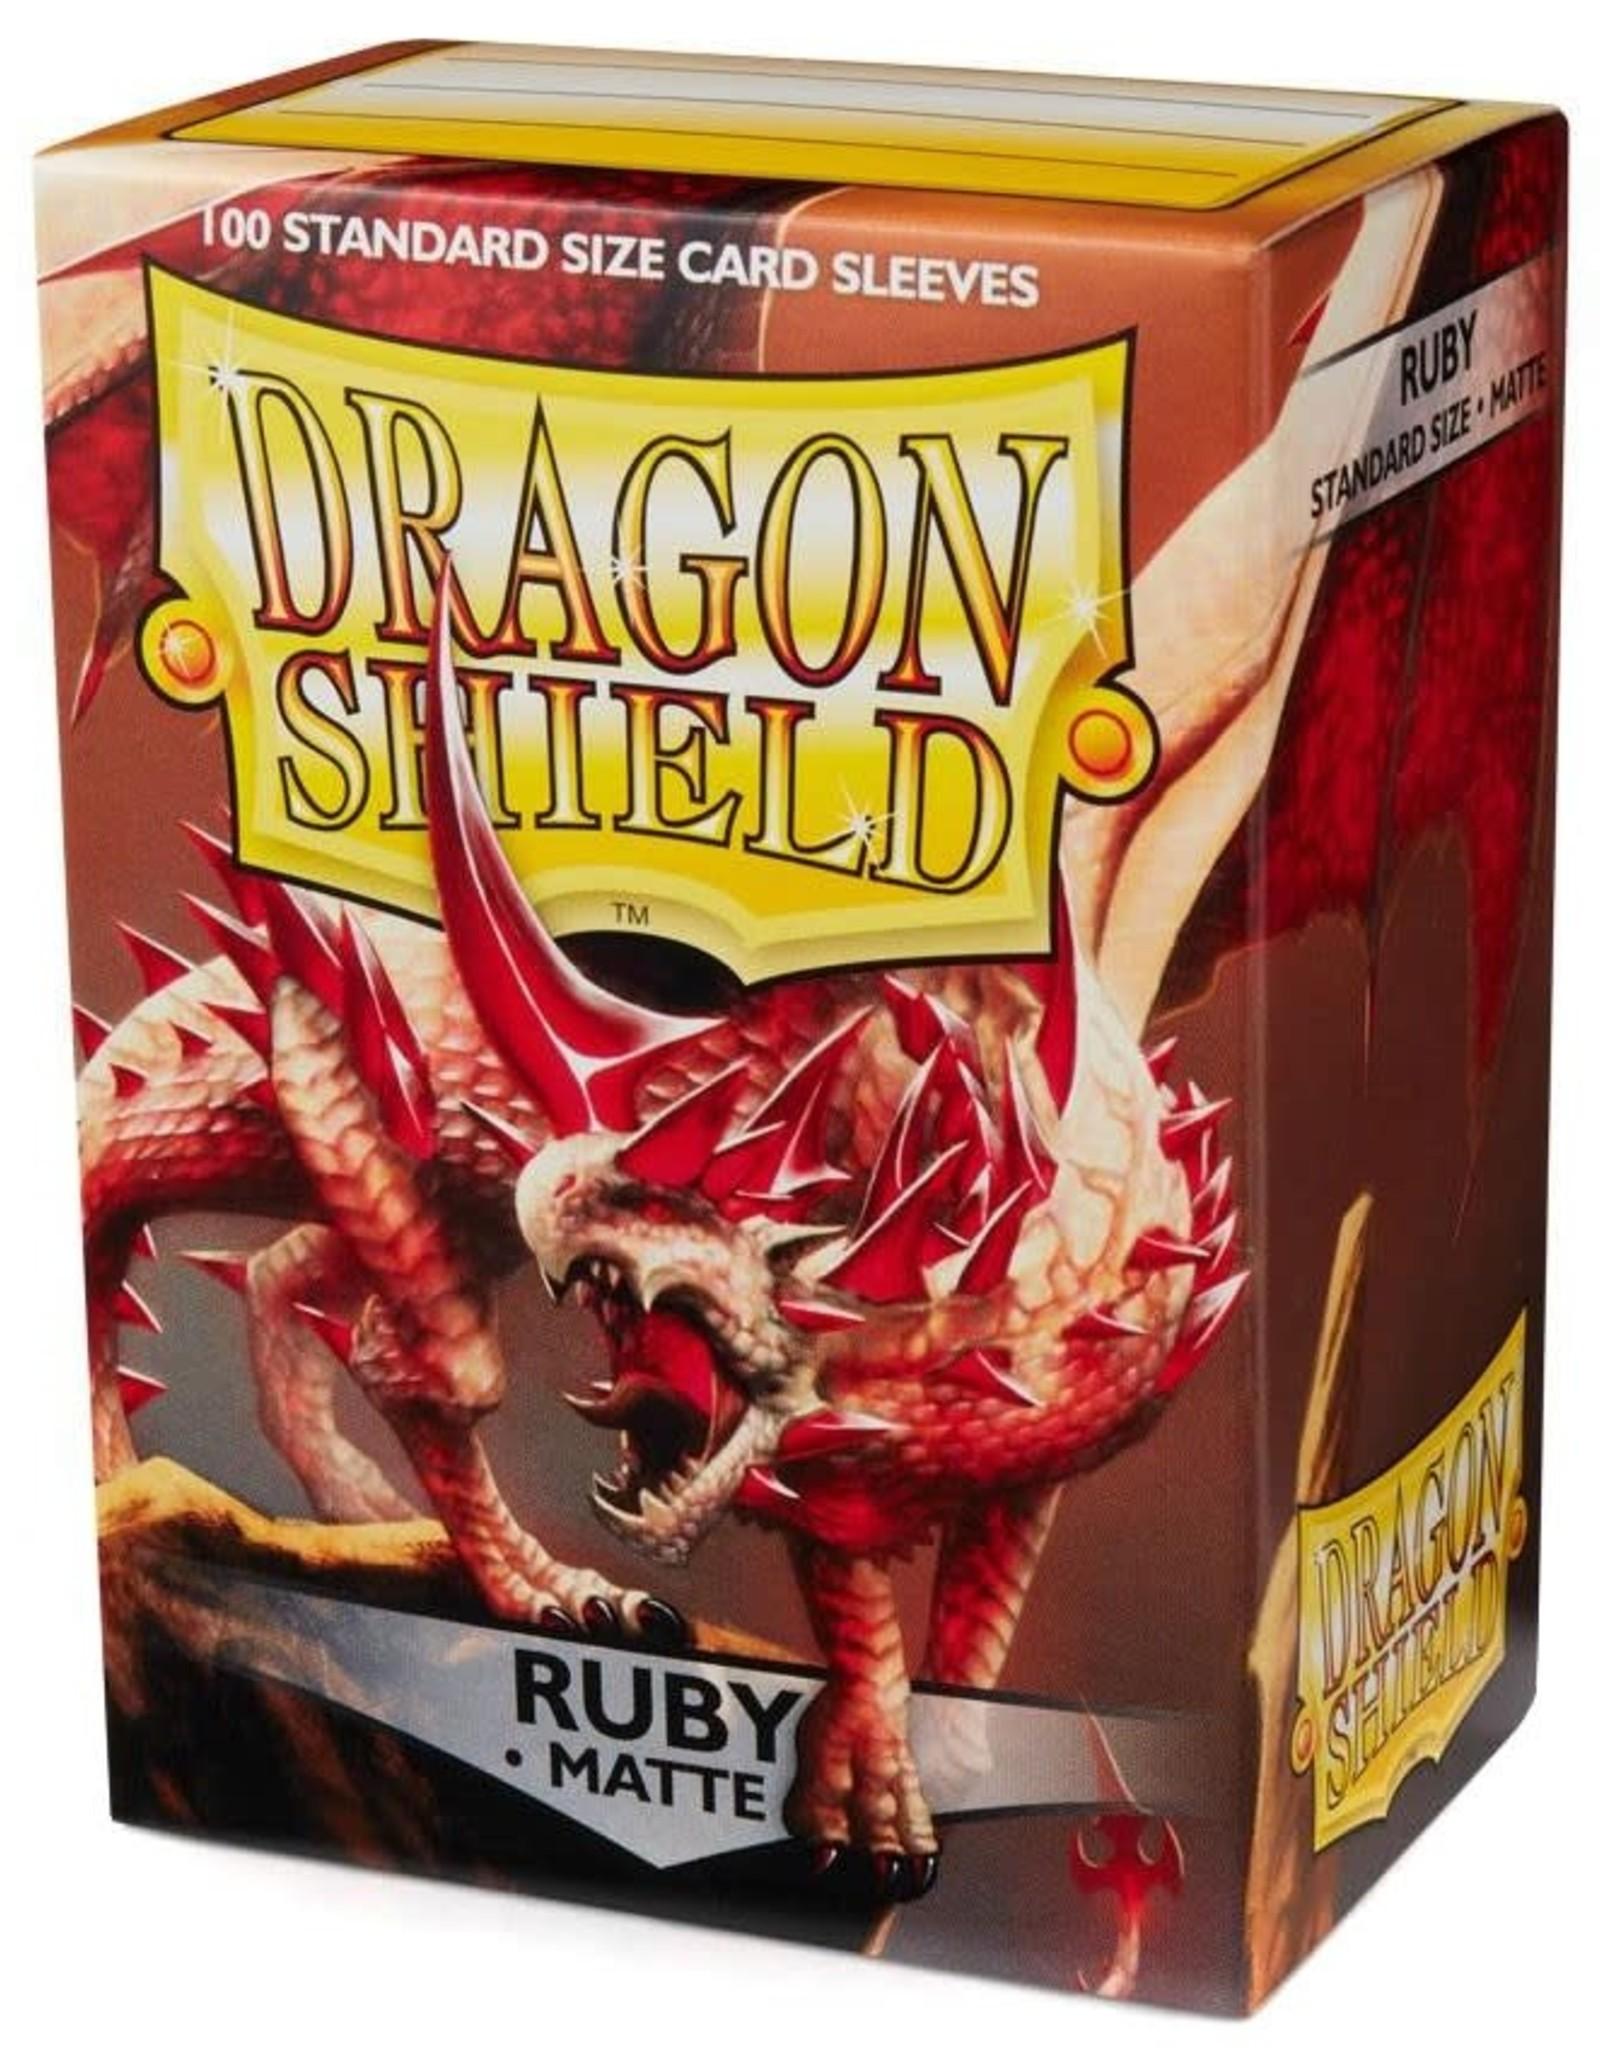 Arcane Tinmen Dragon Shield (100) Matte Ruby